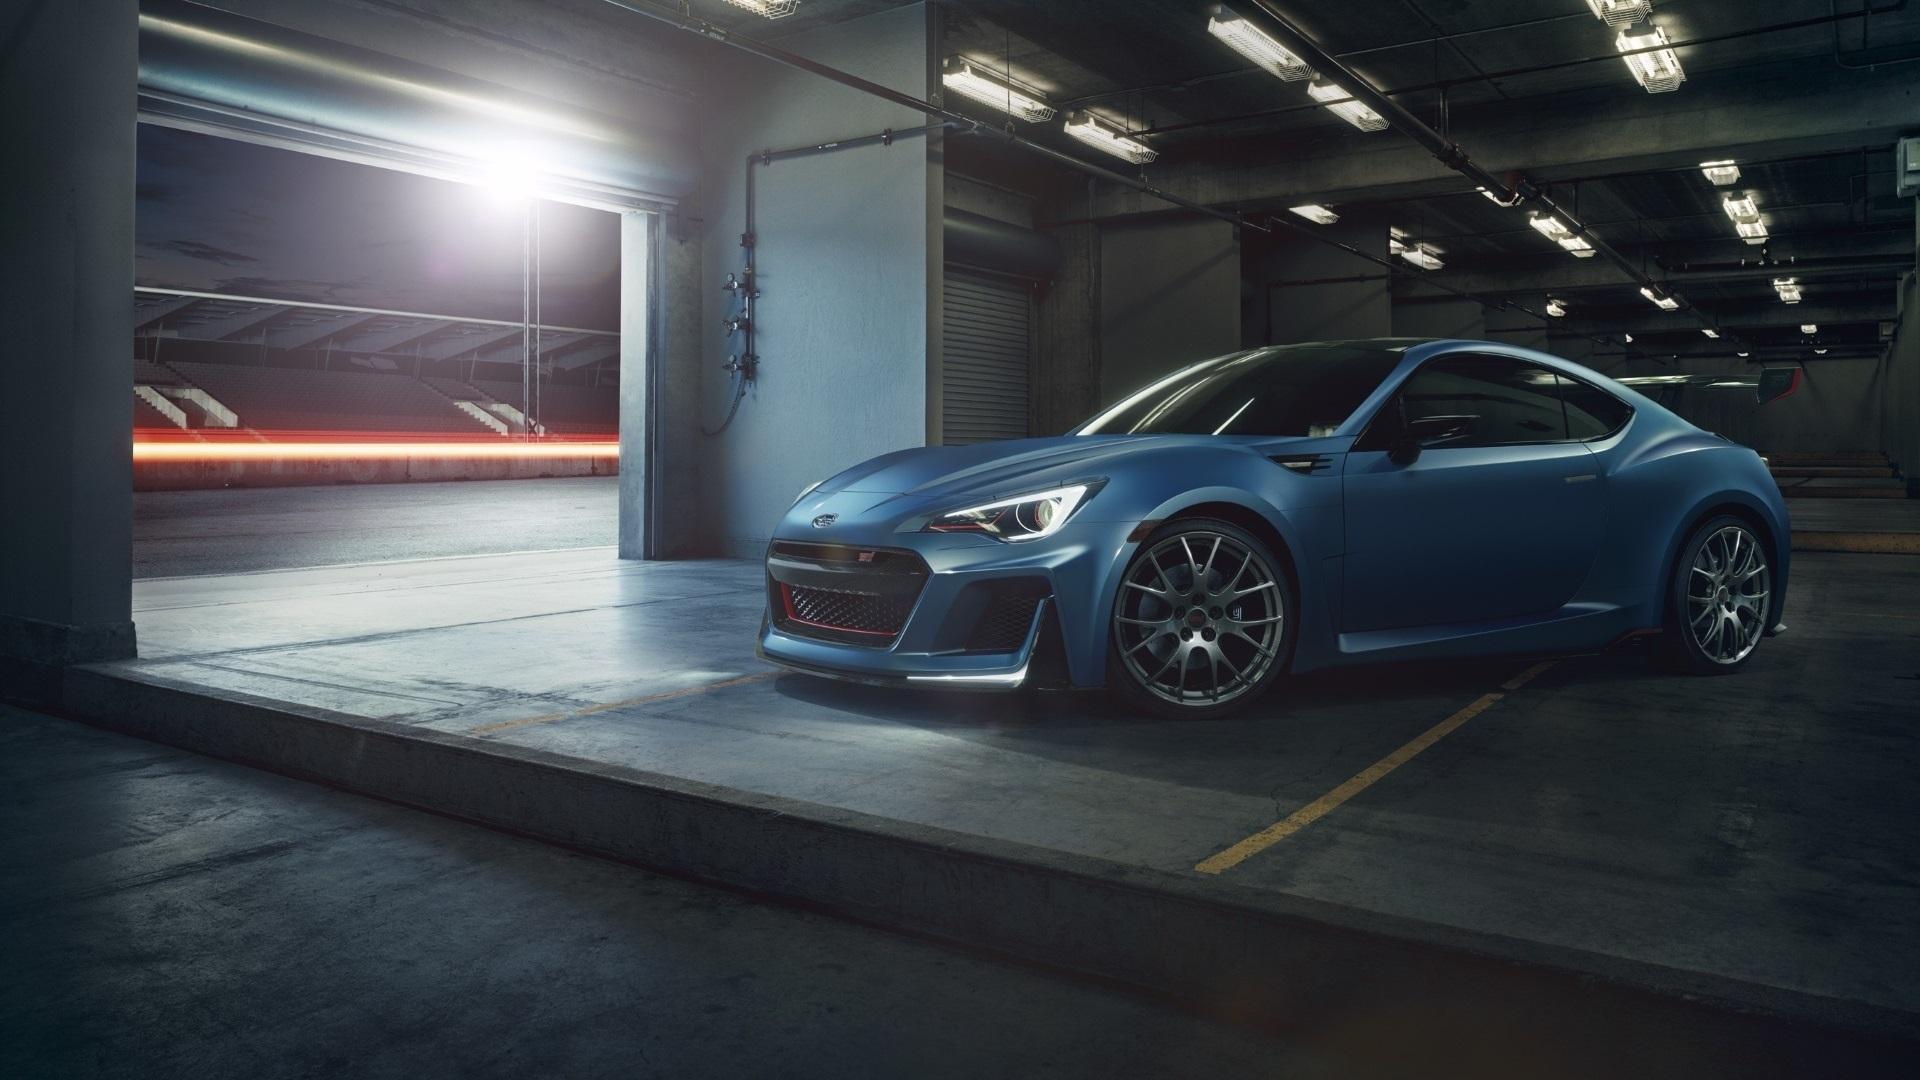 壁紙 スバルbrz青い車 19x10 Hd 無料のデスクトップの背景 画像